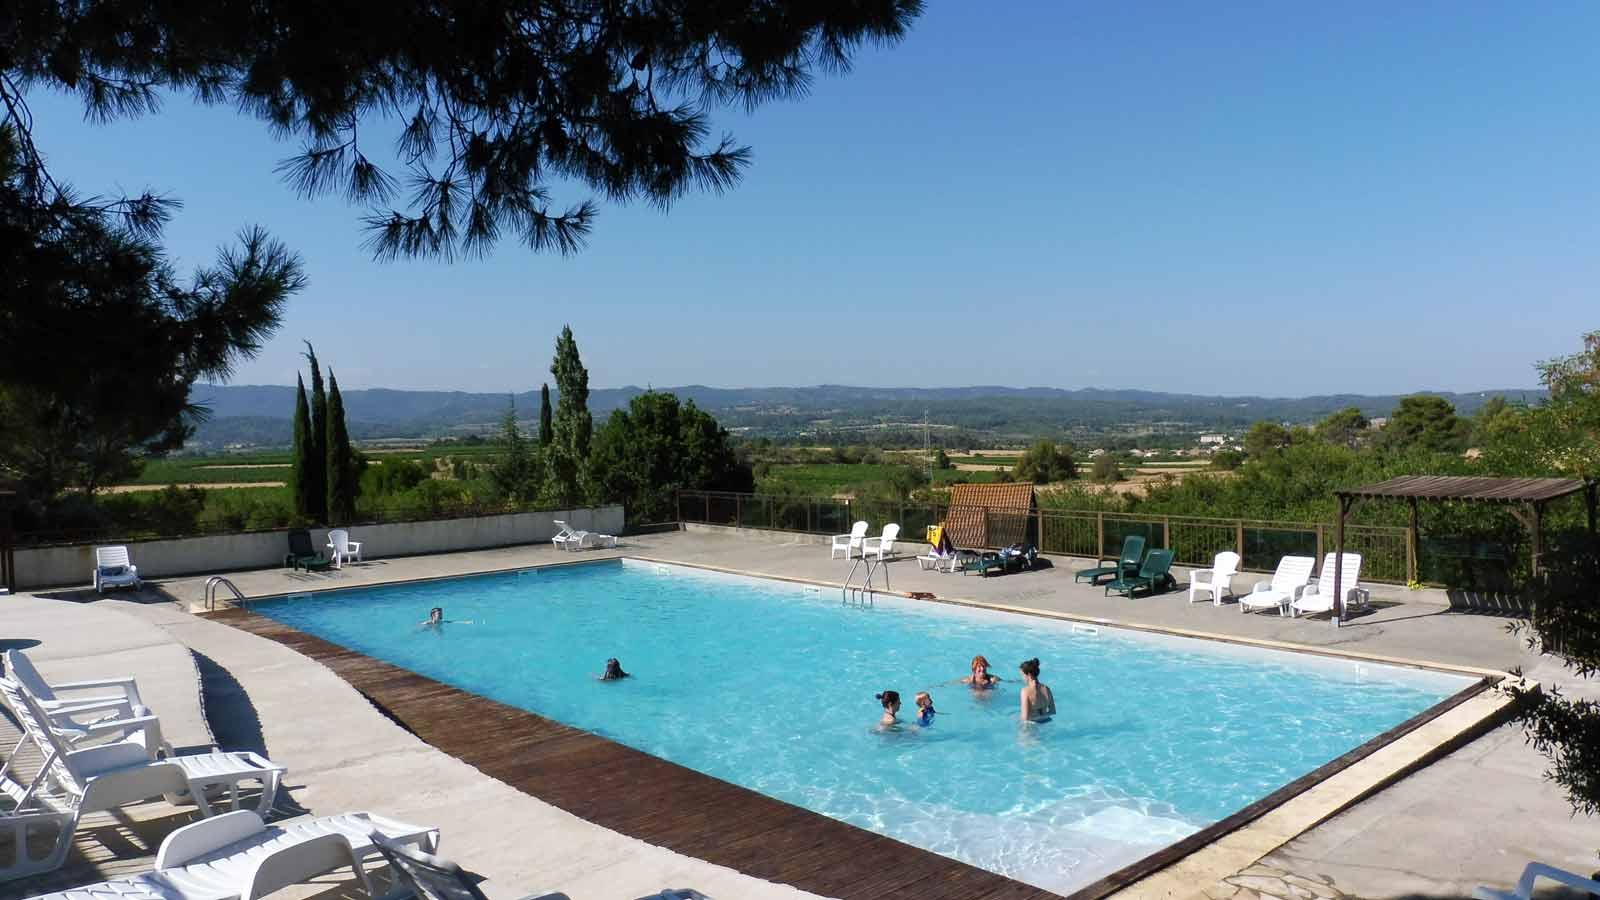 9 campings carcassonne dans l 39 aude en pays cathare campings aude - Camping carcassonne avec piscine ...